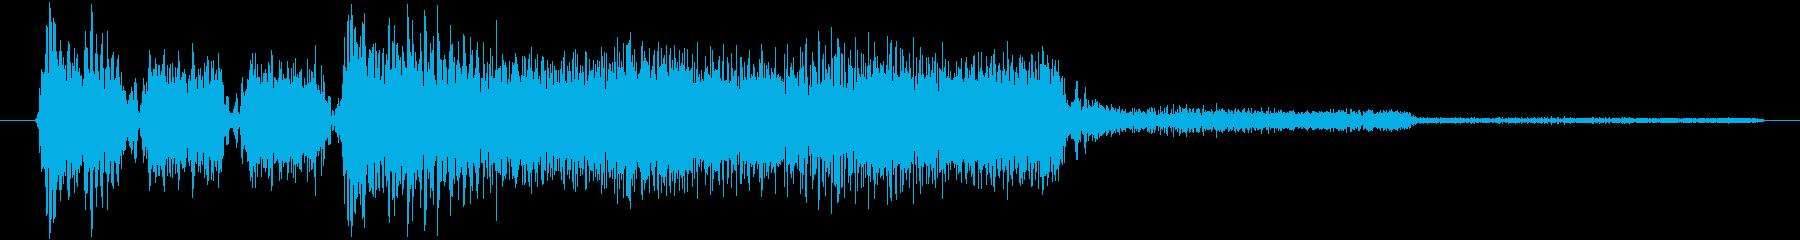 ゲーム、クイズ(正解)_007の再生済みの波形